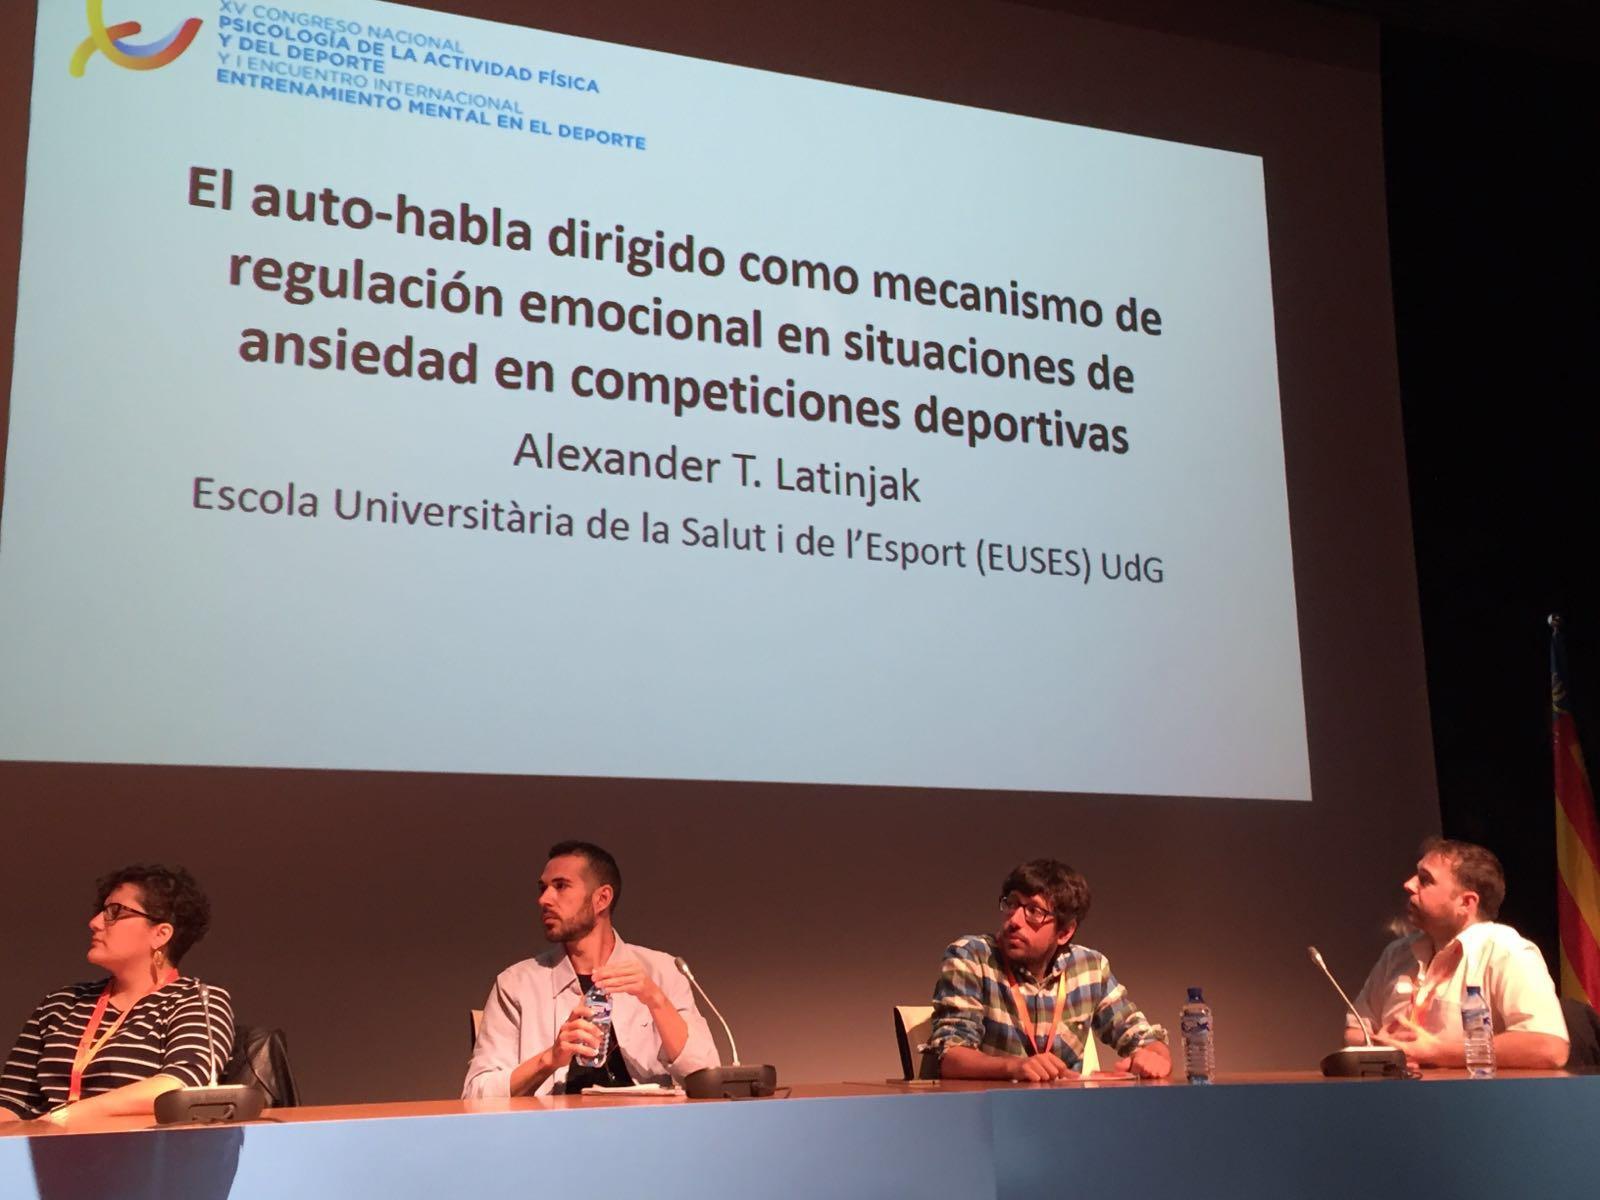 El professor d'EUSES Dr. Alexander Latinjak presenta tres ponències en el 15è Congrés Nacional de Psicologia de l'Activitat Física i de l'Esport, a València